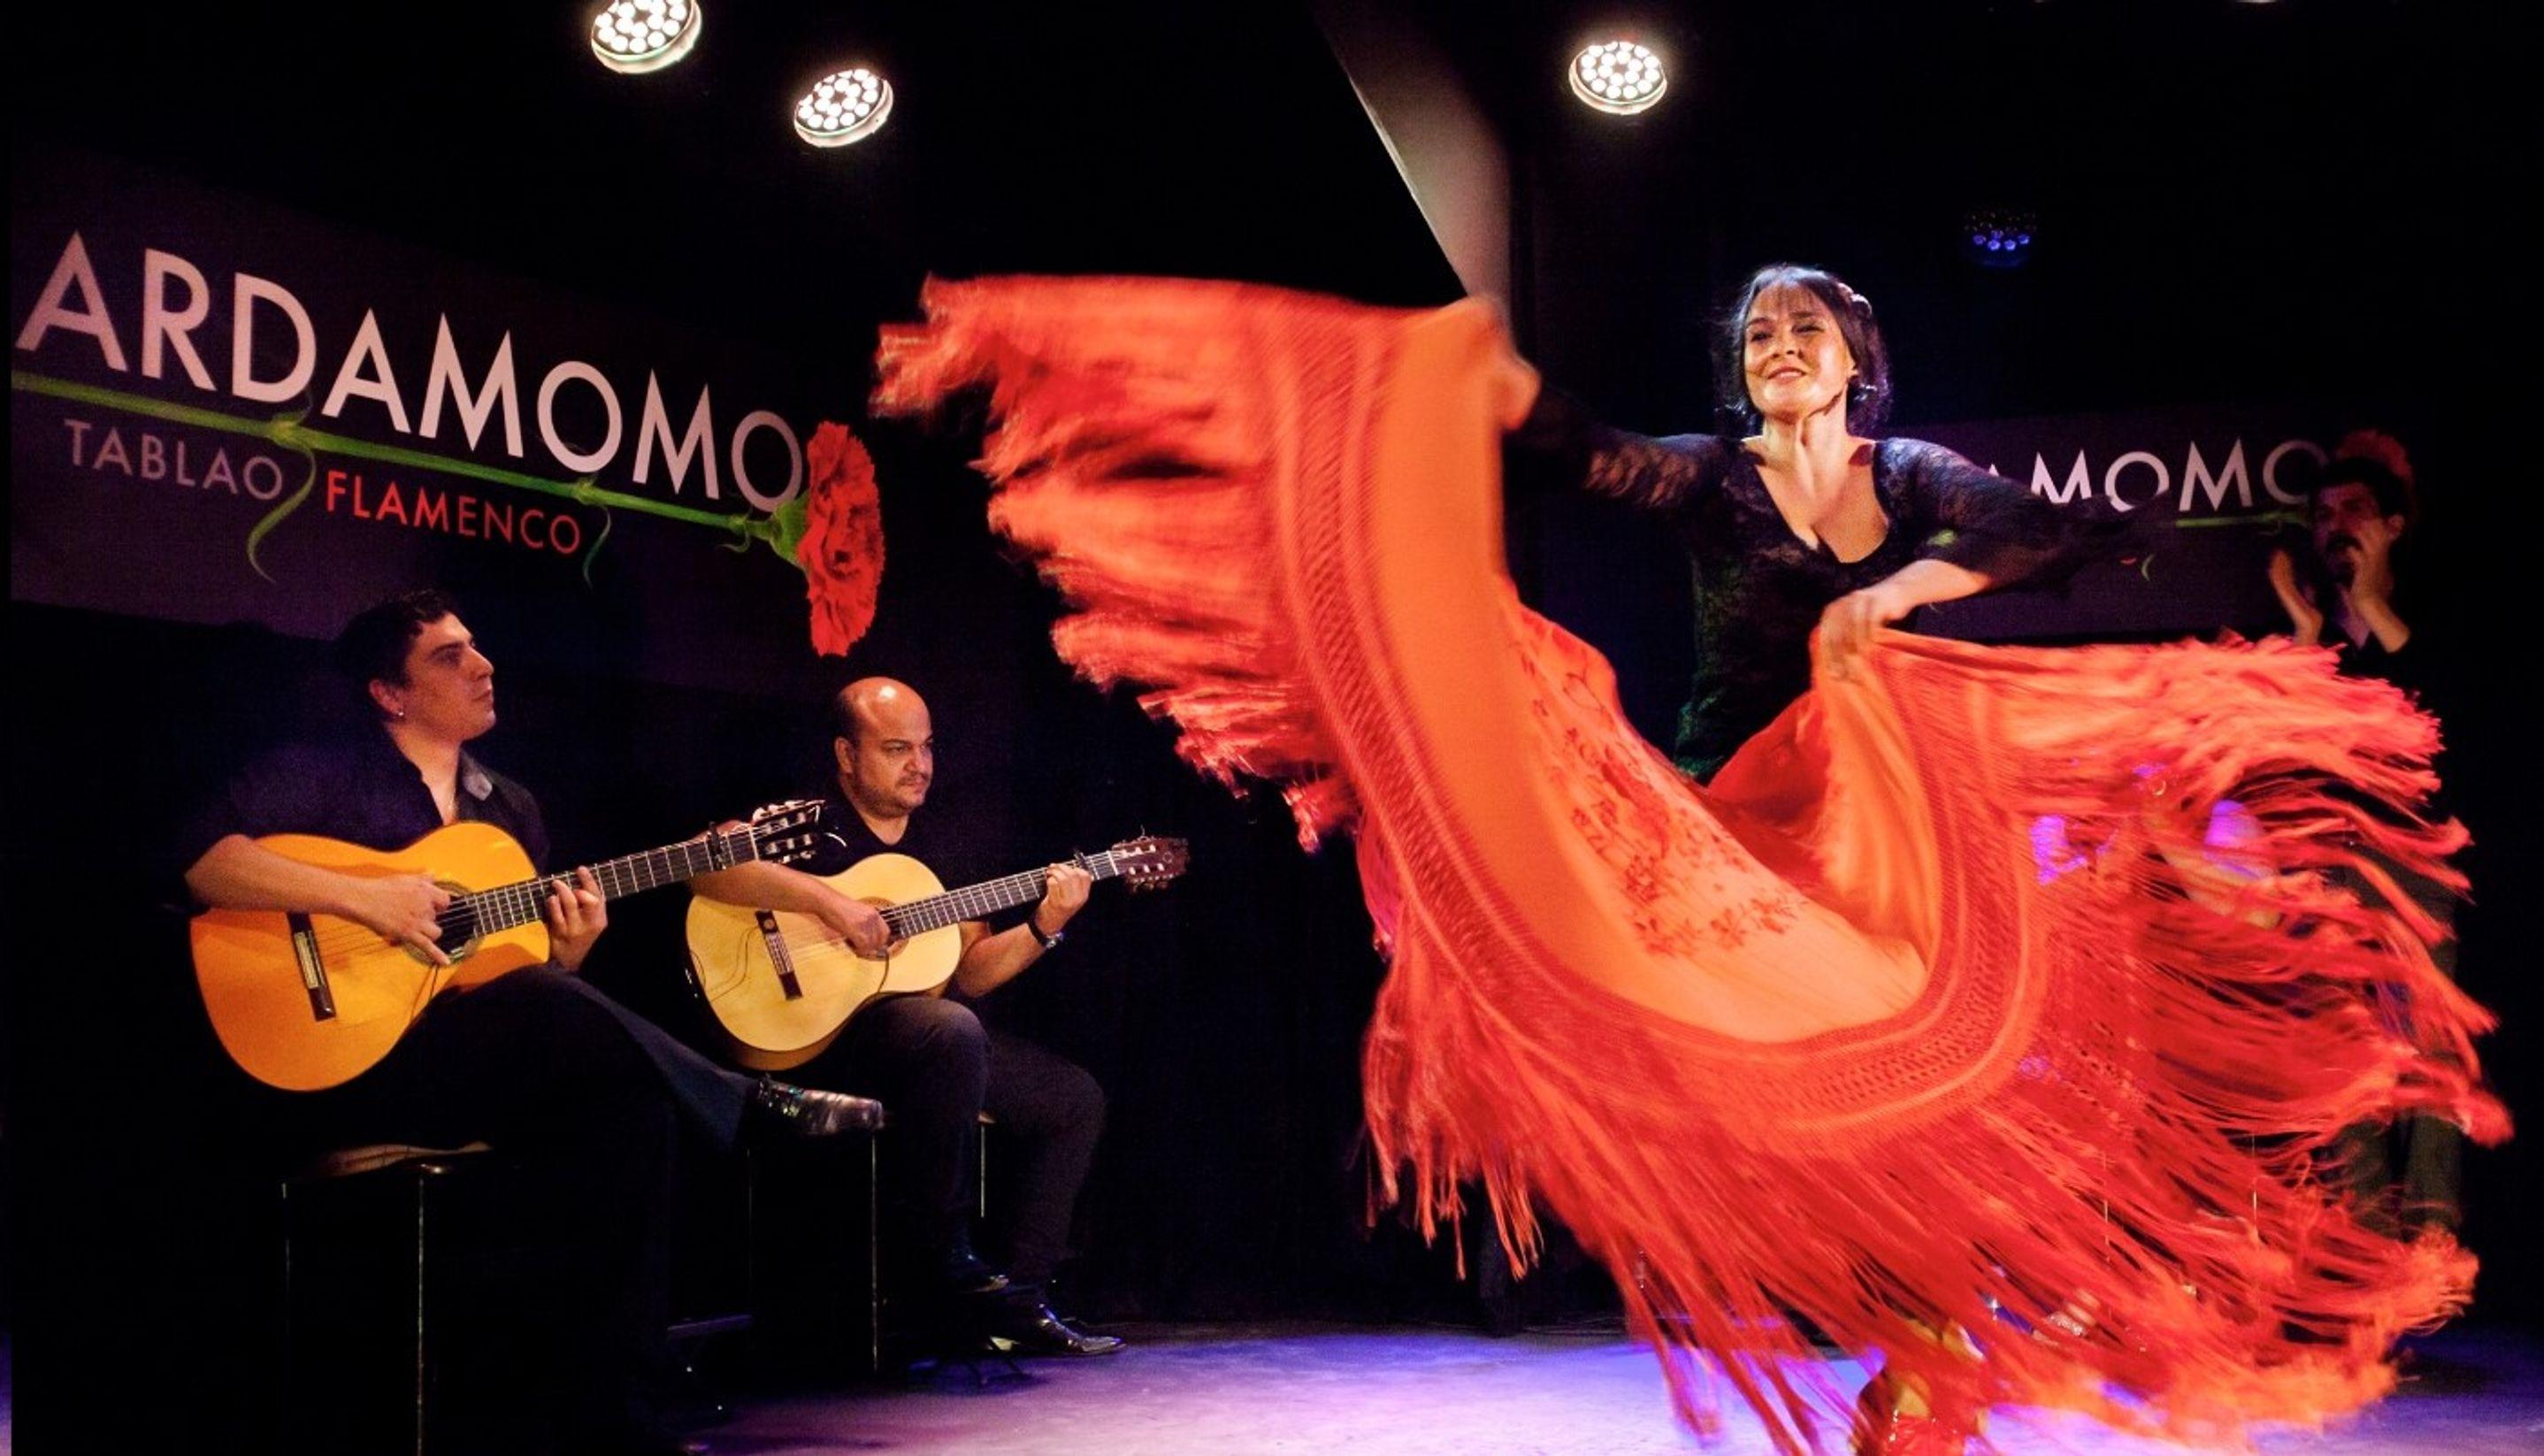 Παράσταση φλαμένκο - τι να δείτε και να κάνετε στη Μαδρίτη